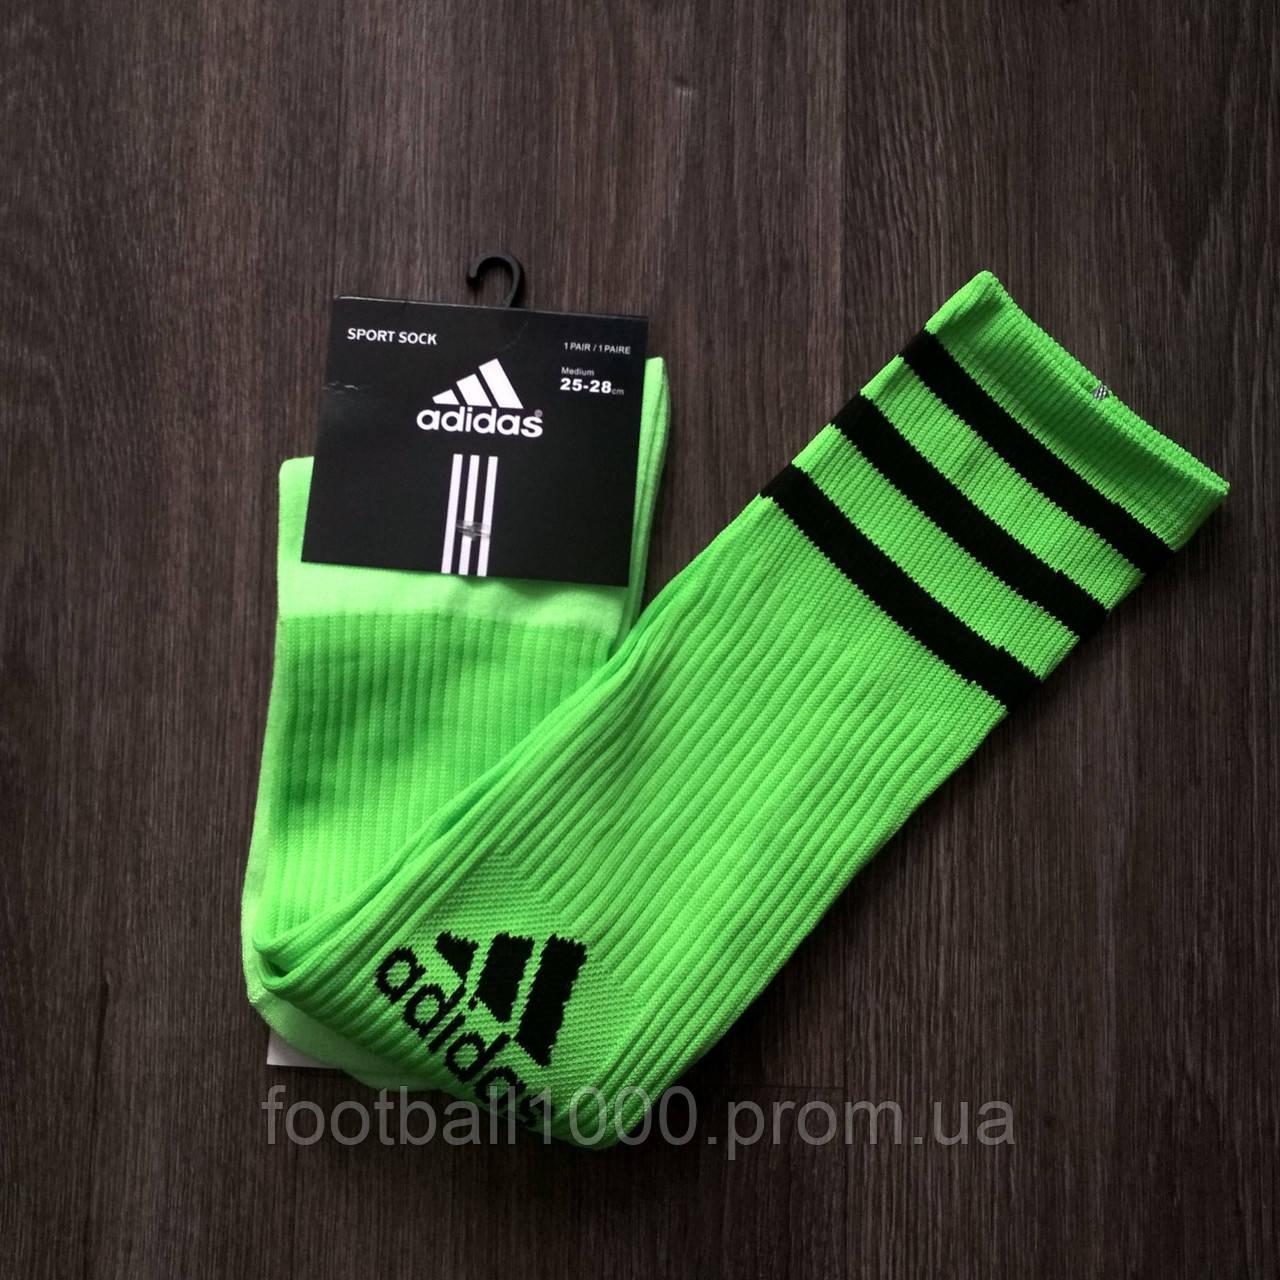 Дорослі футбольні гетри Adidas салатові BR